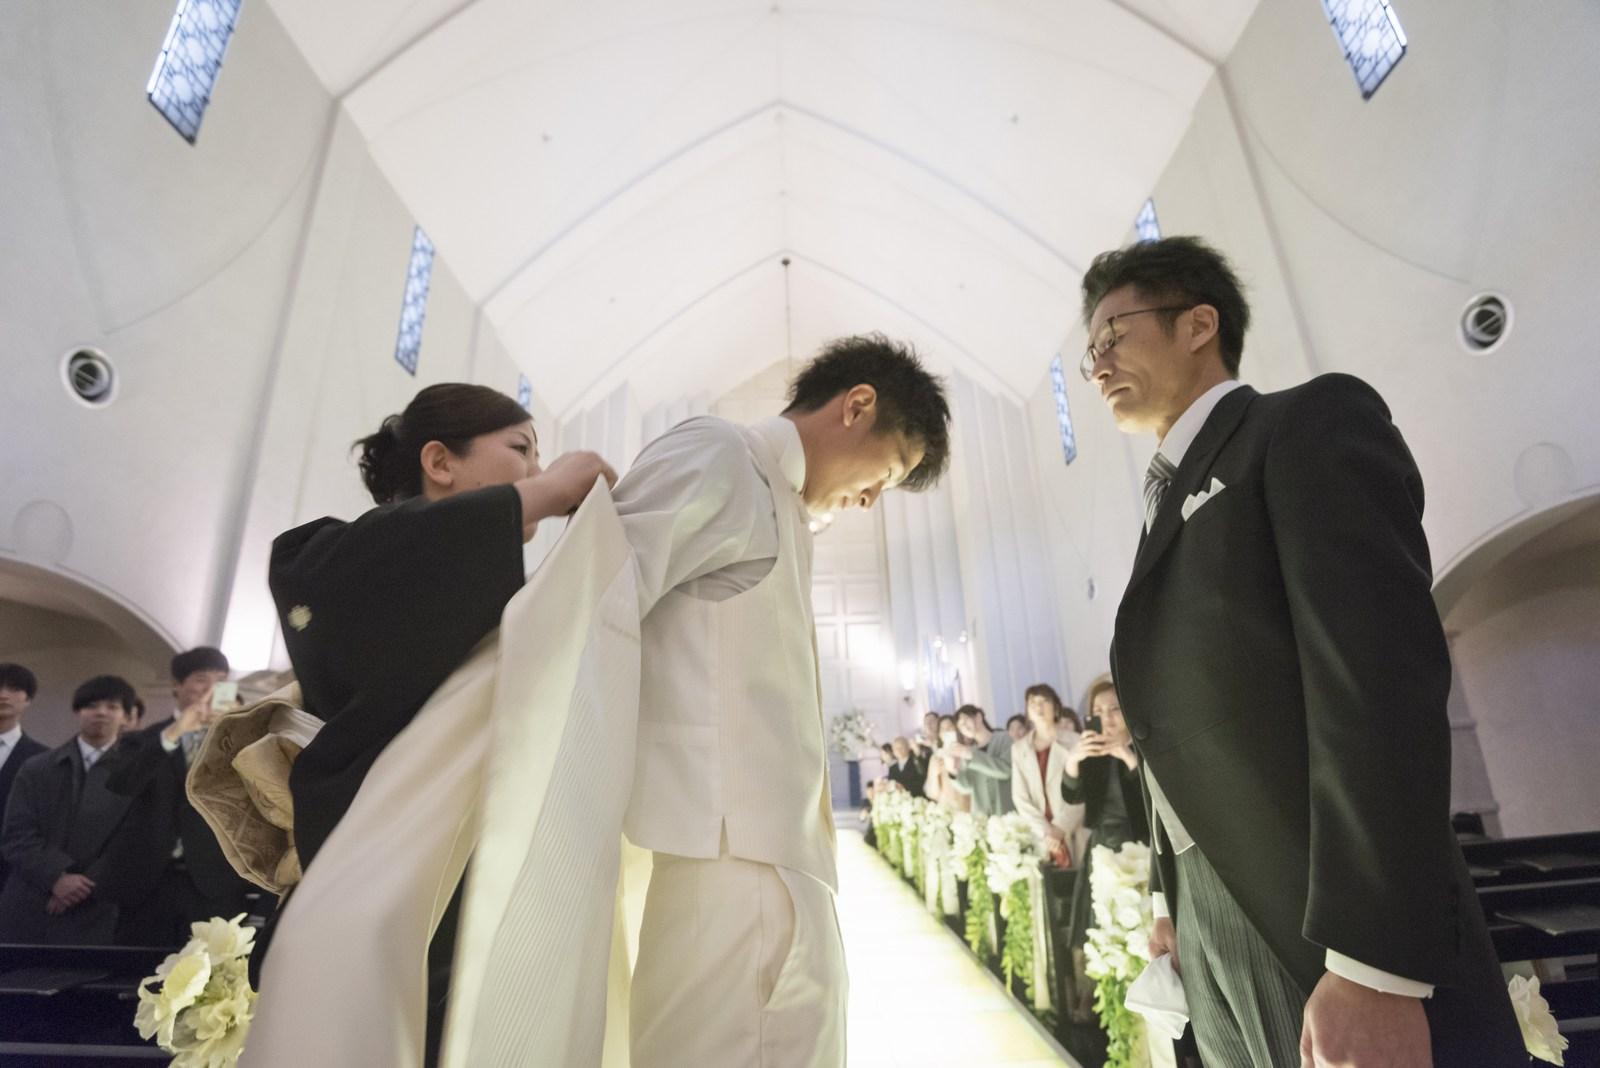 香川の結婚式場シェルエメール&アイスタイル ジャケットセレモニー